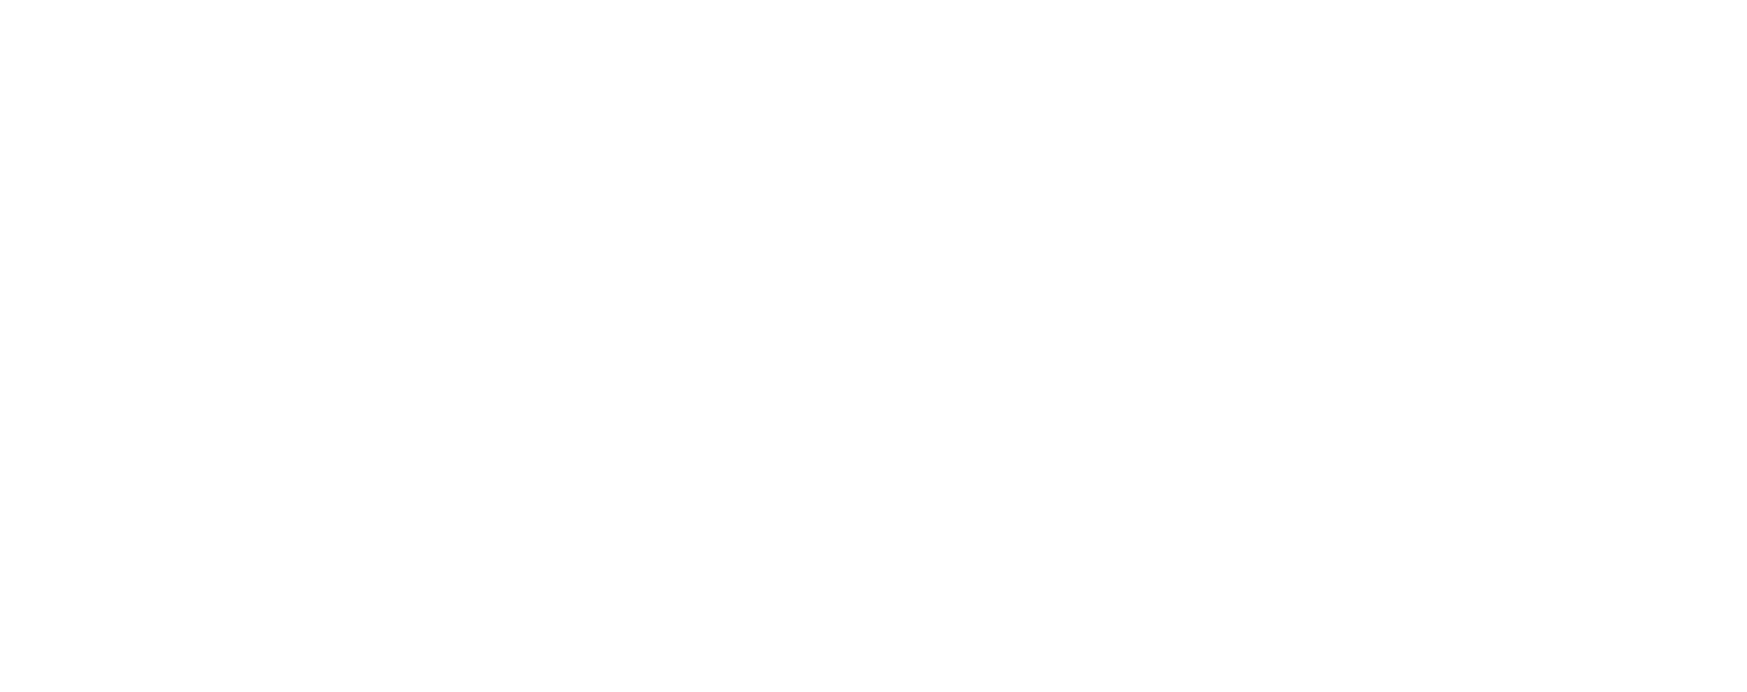 gloval-nav_logo